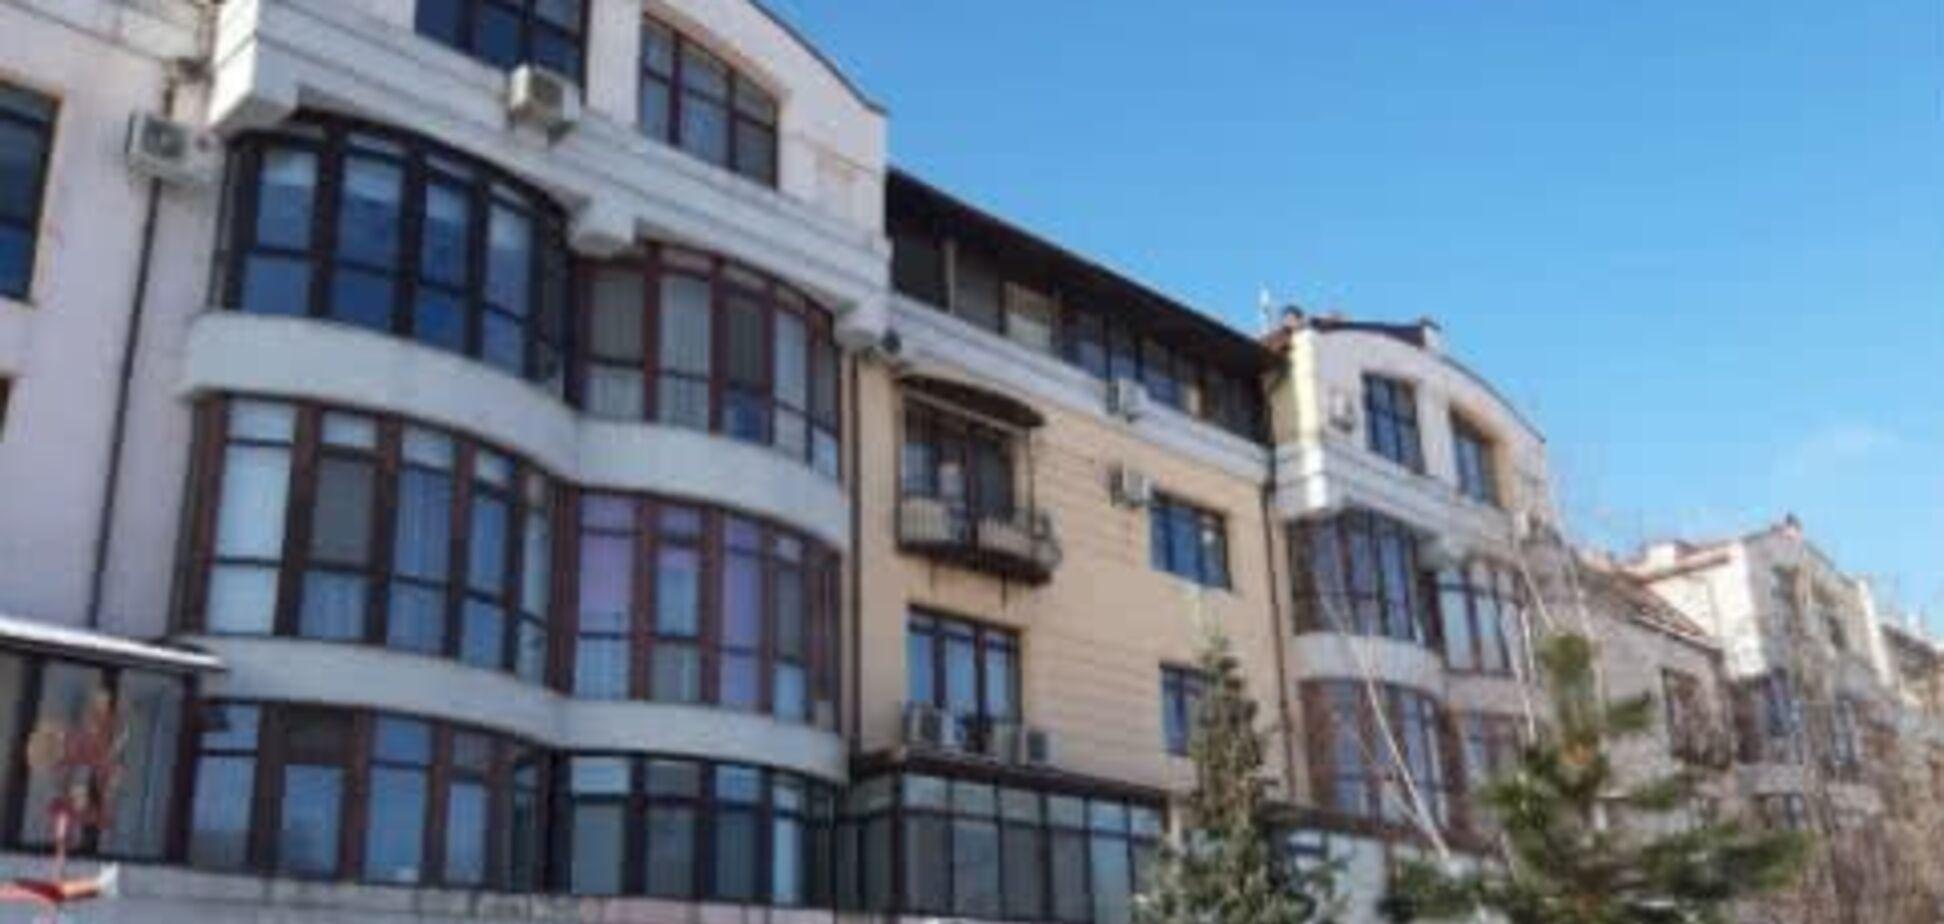 Квартиру Януковича в Киеве будут сдавать в аренду: что известно